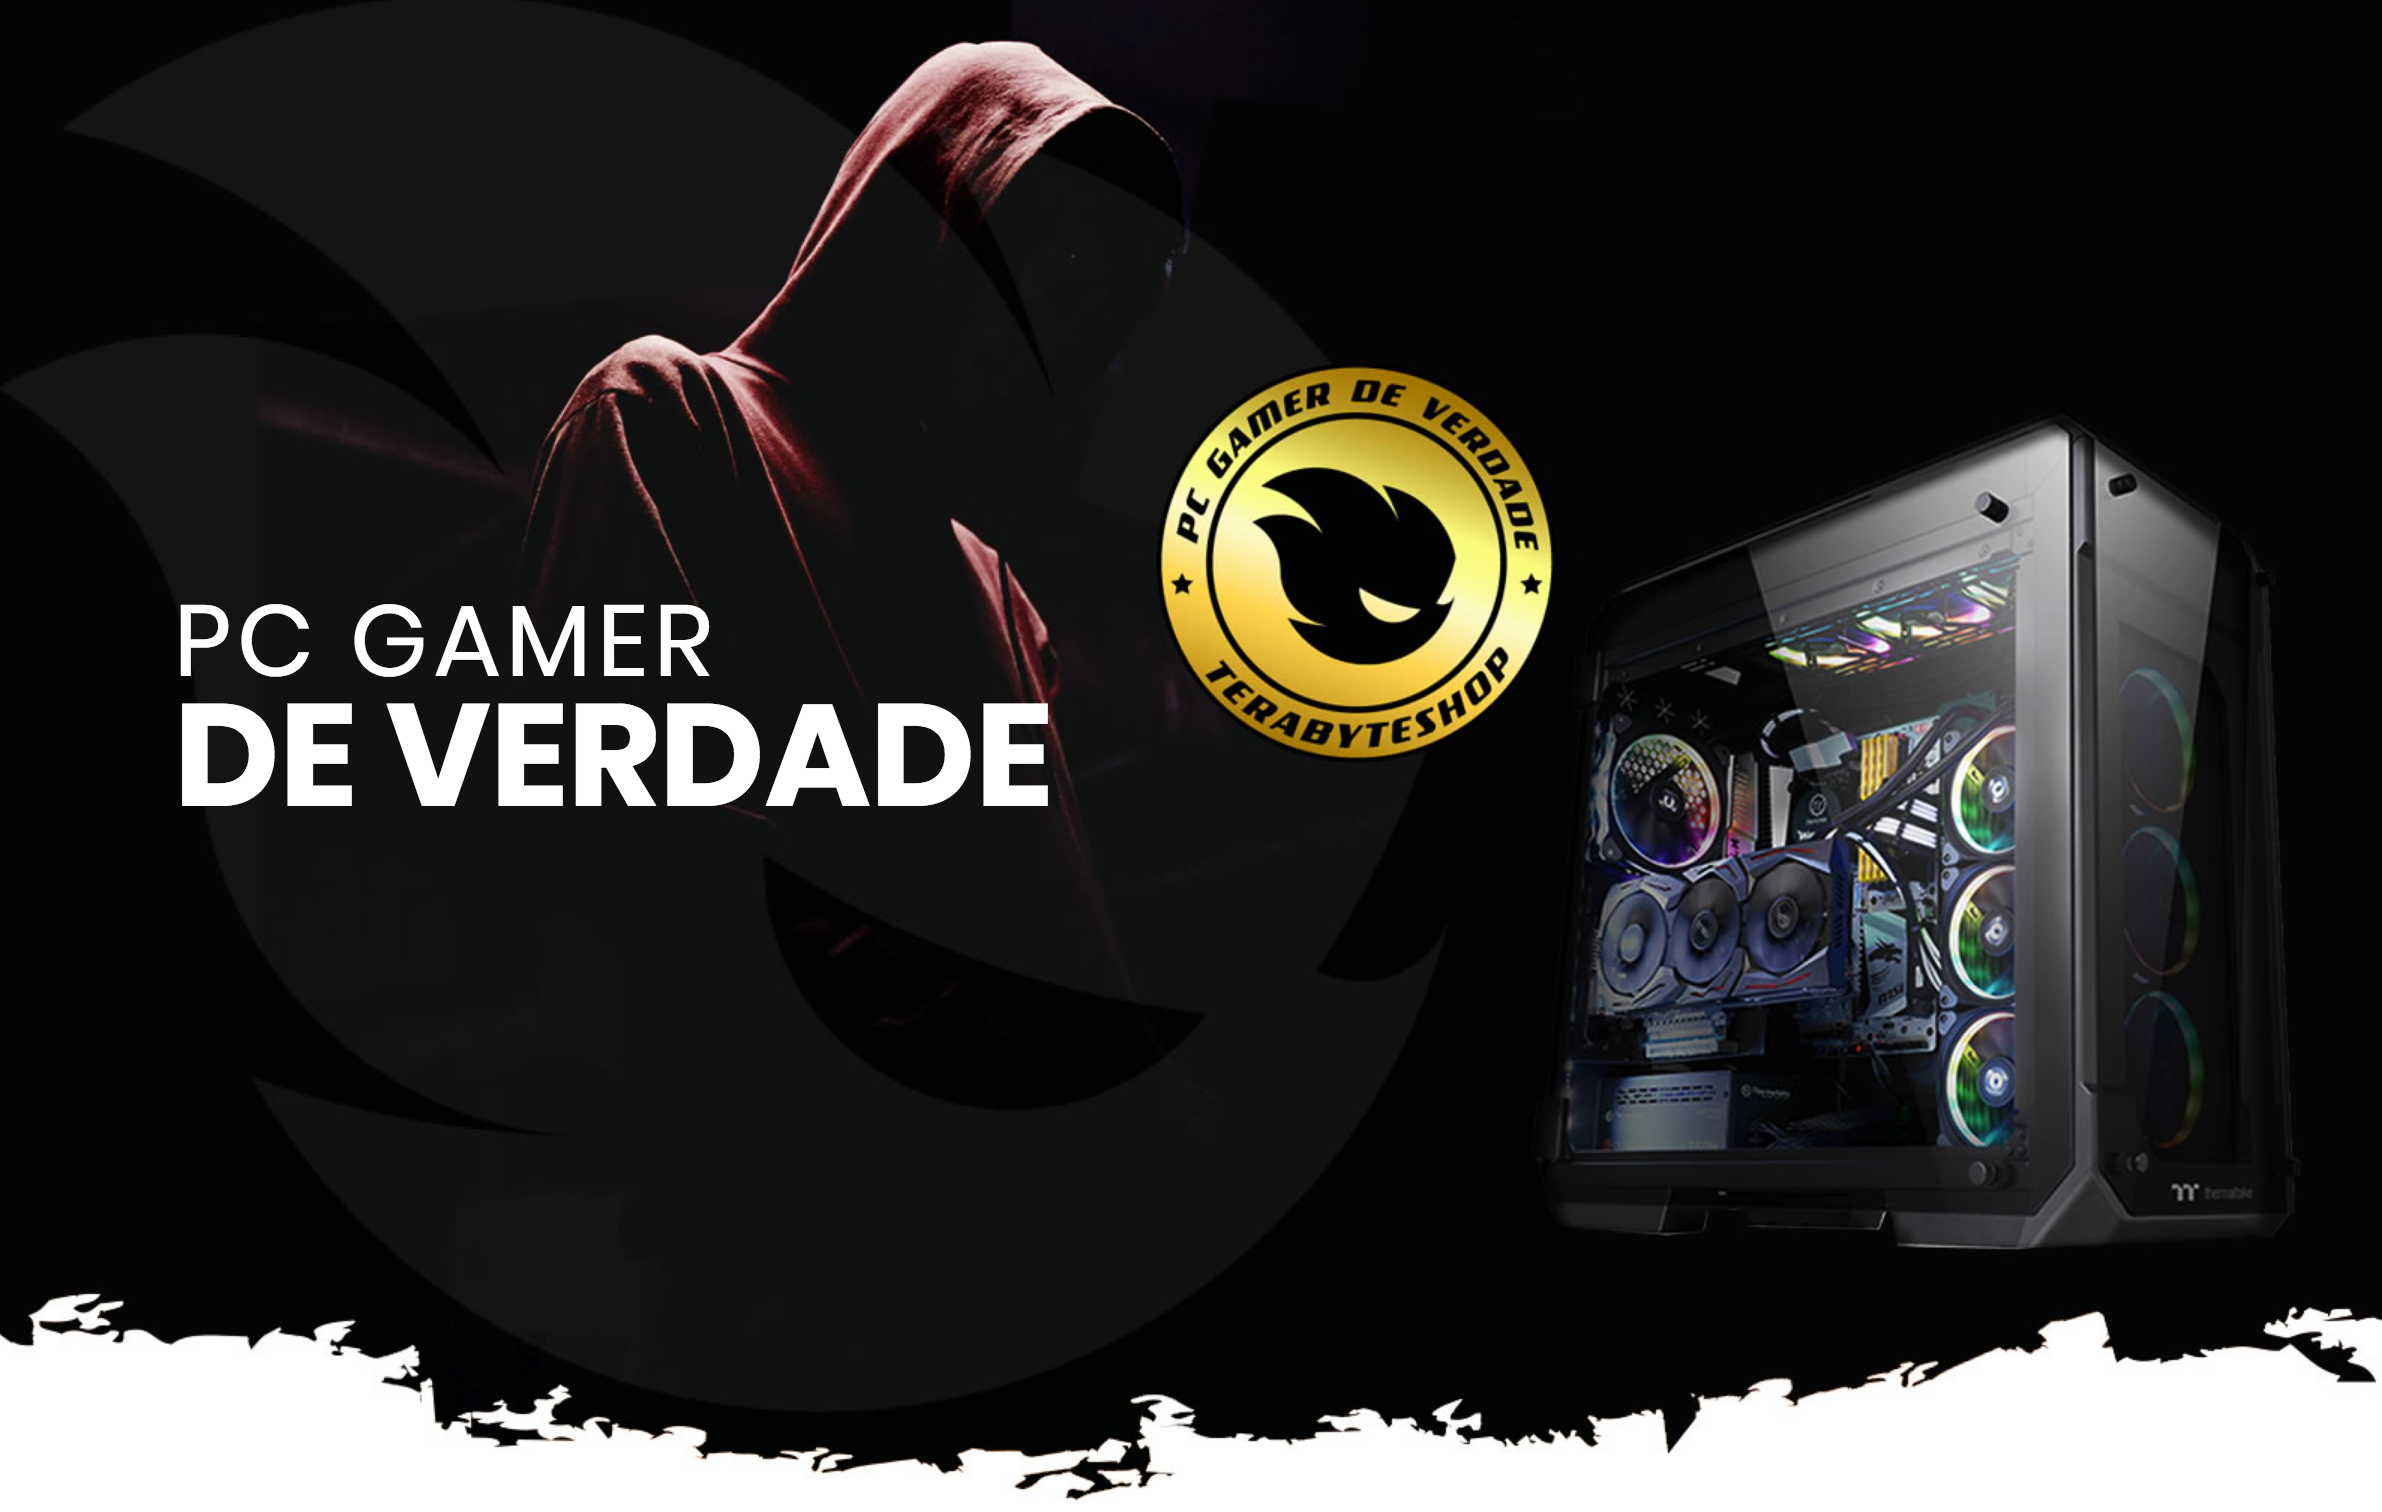 Confira nossas dicas para não cair em armadilhas e compre seu PC GAMER DE VERDADE!